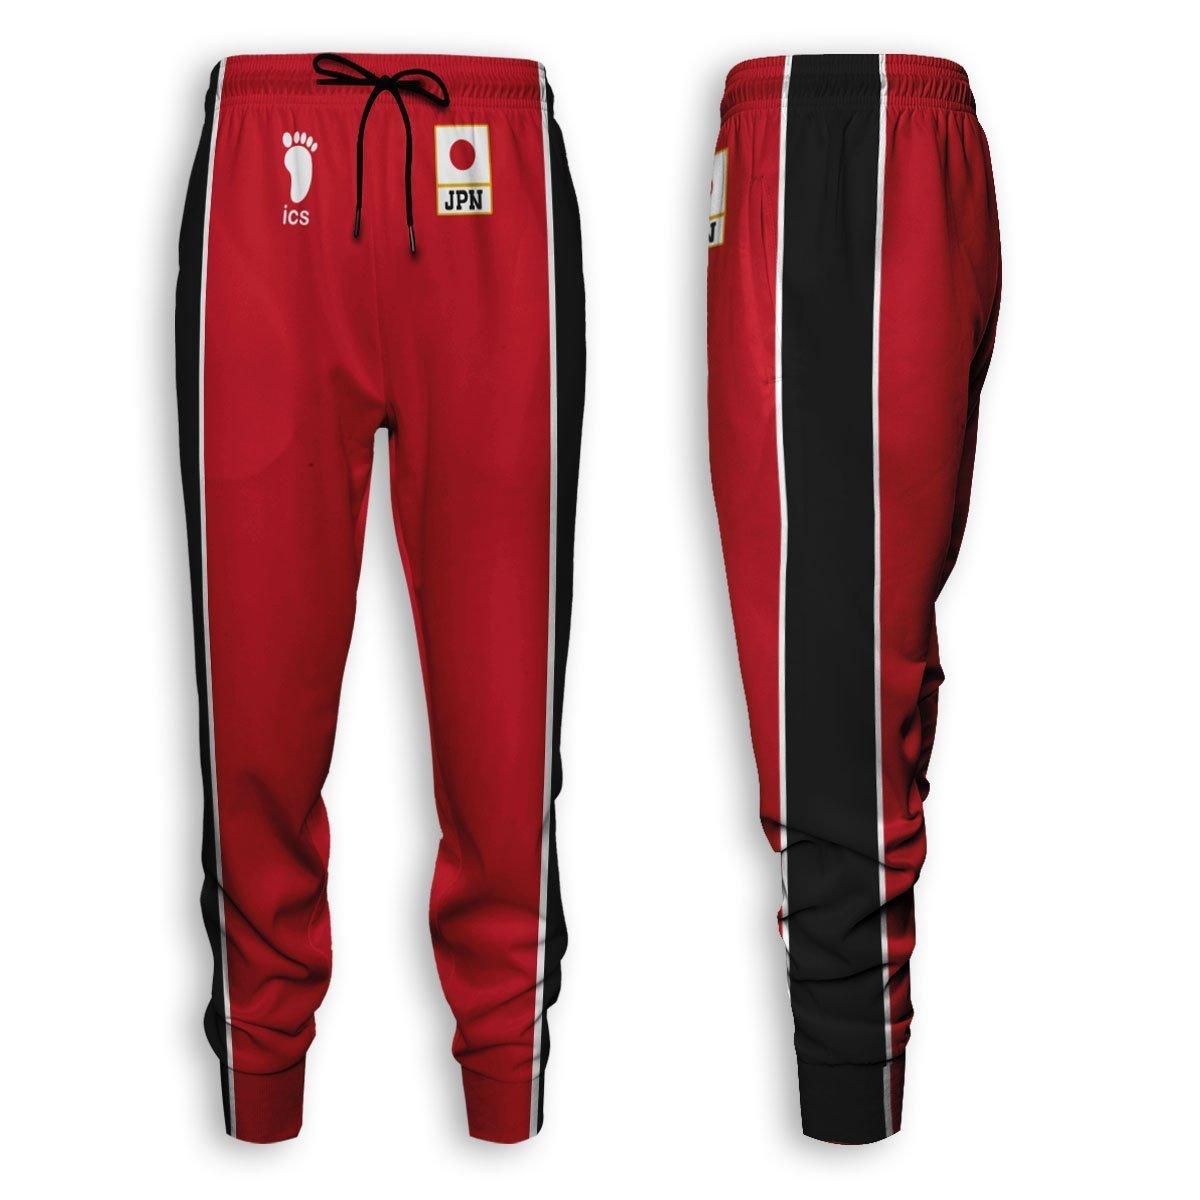 Haikyuu National Team Jogger Pants Official Merch FDM3009 S Official Otaku Treat Merch